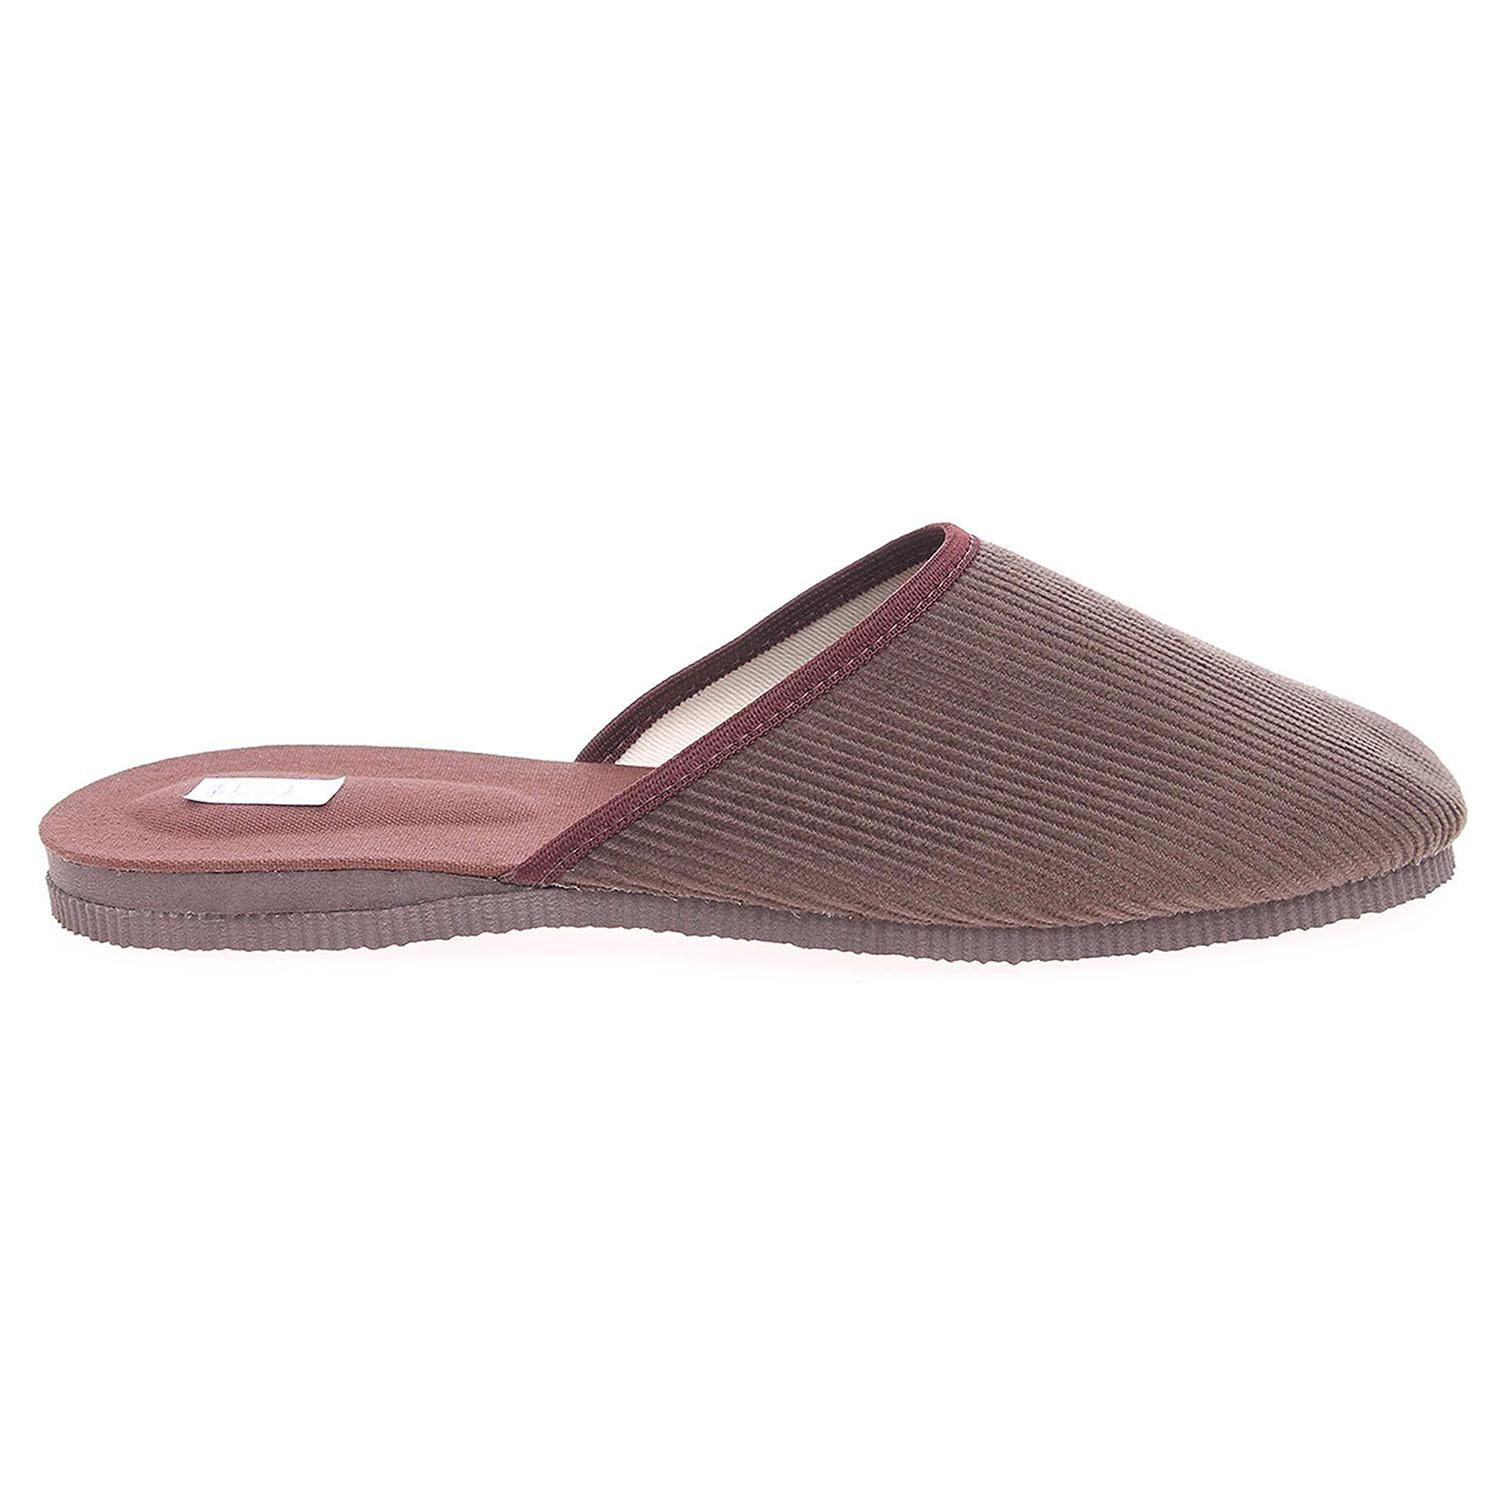 Pánské domácí pantofle 1009.00 khaki-hnědá 43